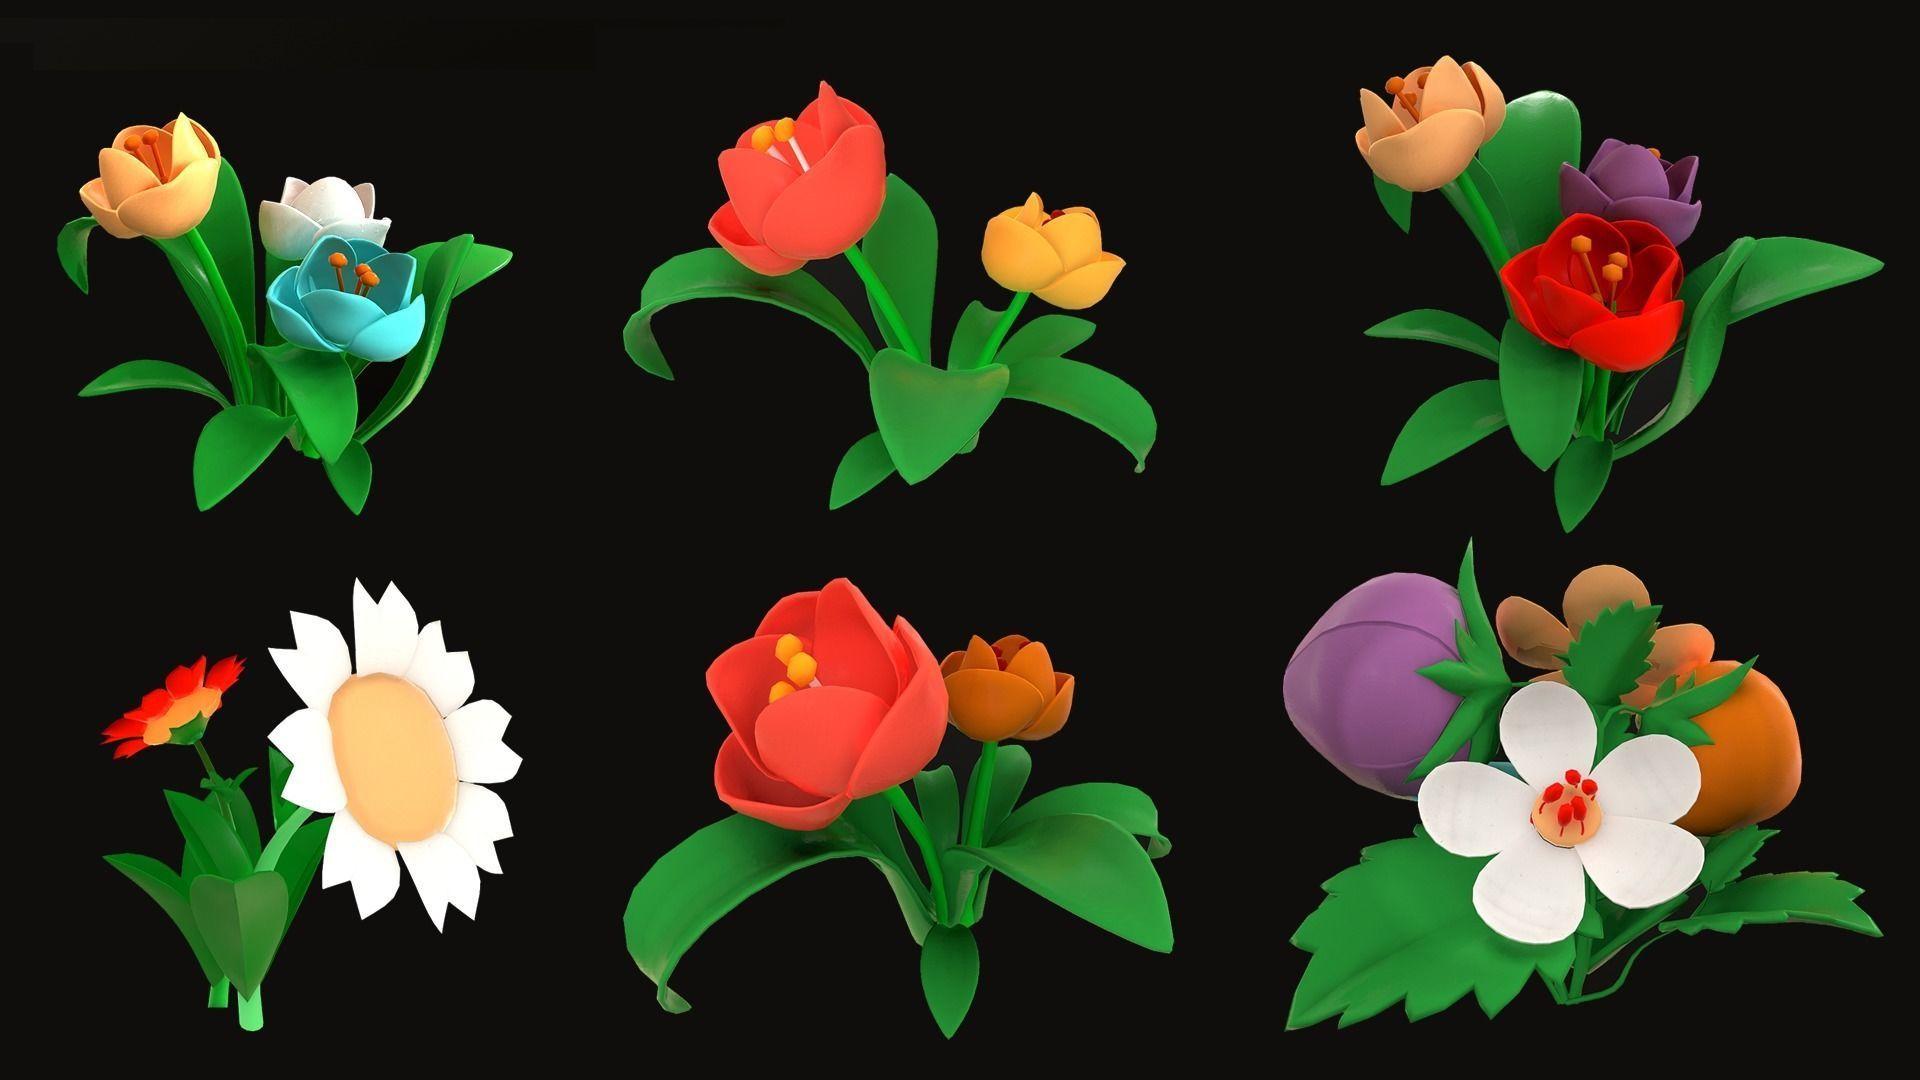 Asset - Cartoons - Flower